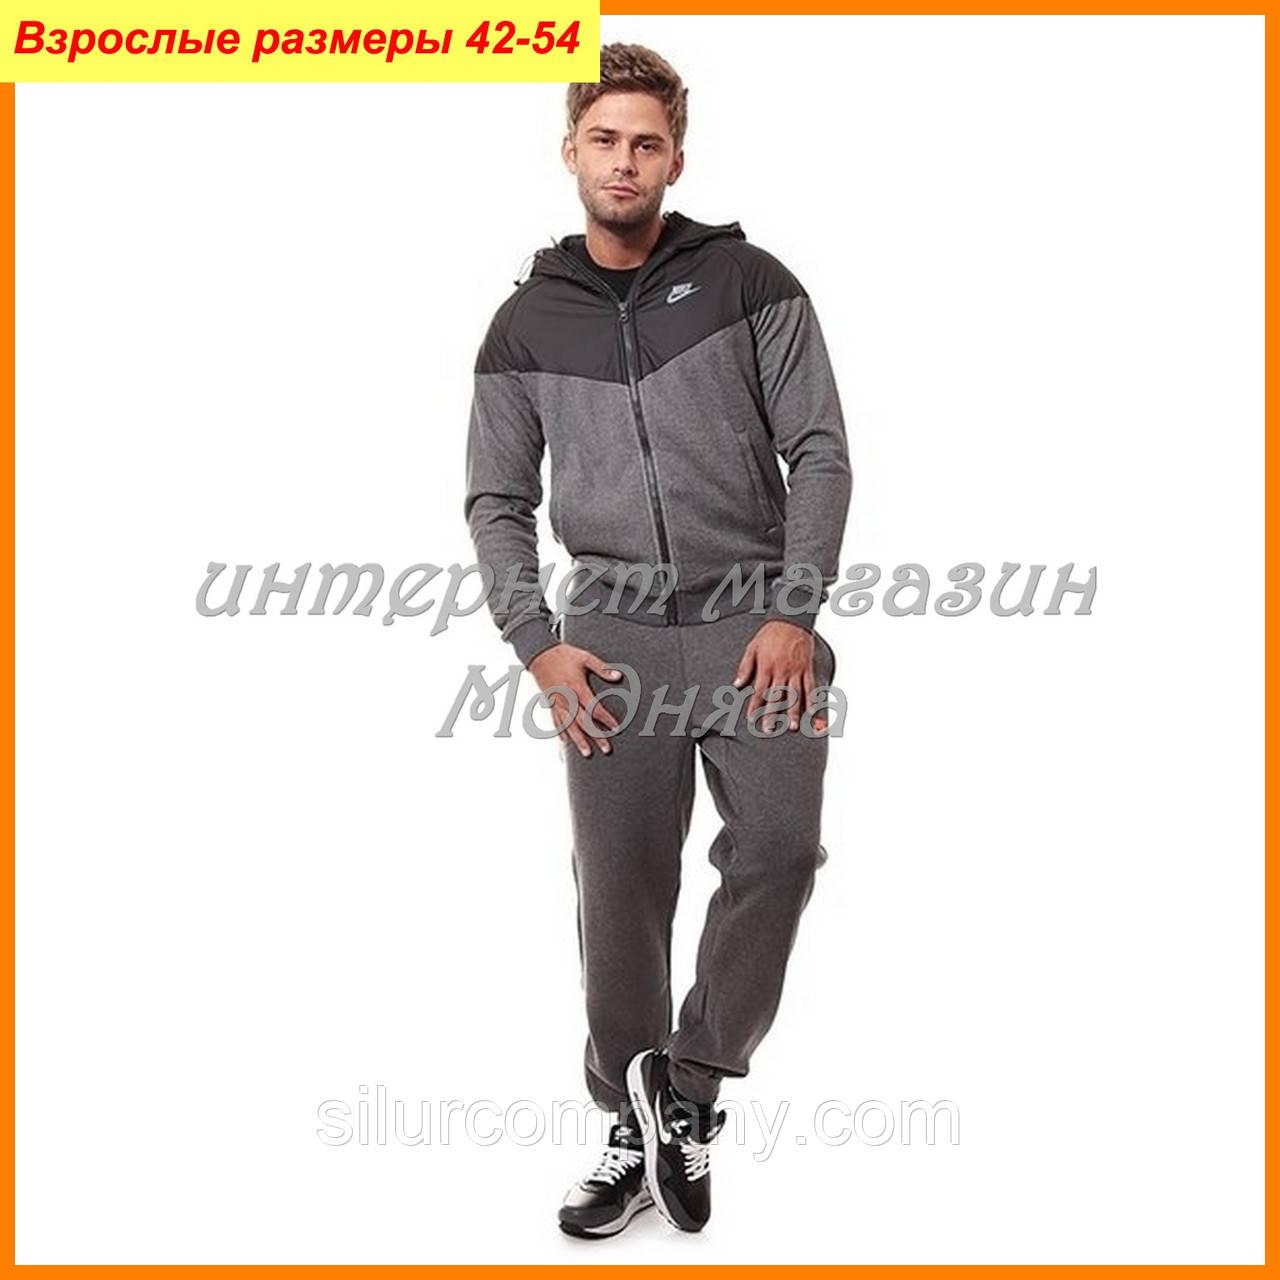 e5801f807c2ea Спортивные костюмы Найк | Мужские спортивные костюмы ассортимент, цена 1  092 грн., купить в Харькове — Prom.ua (ID#274736306)